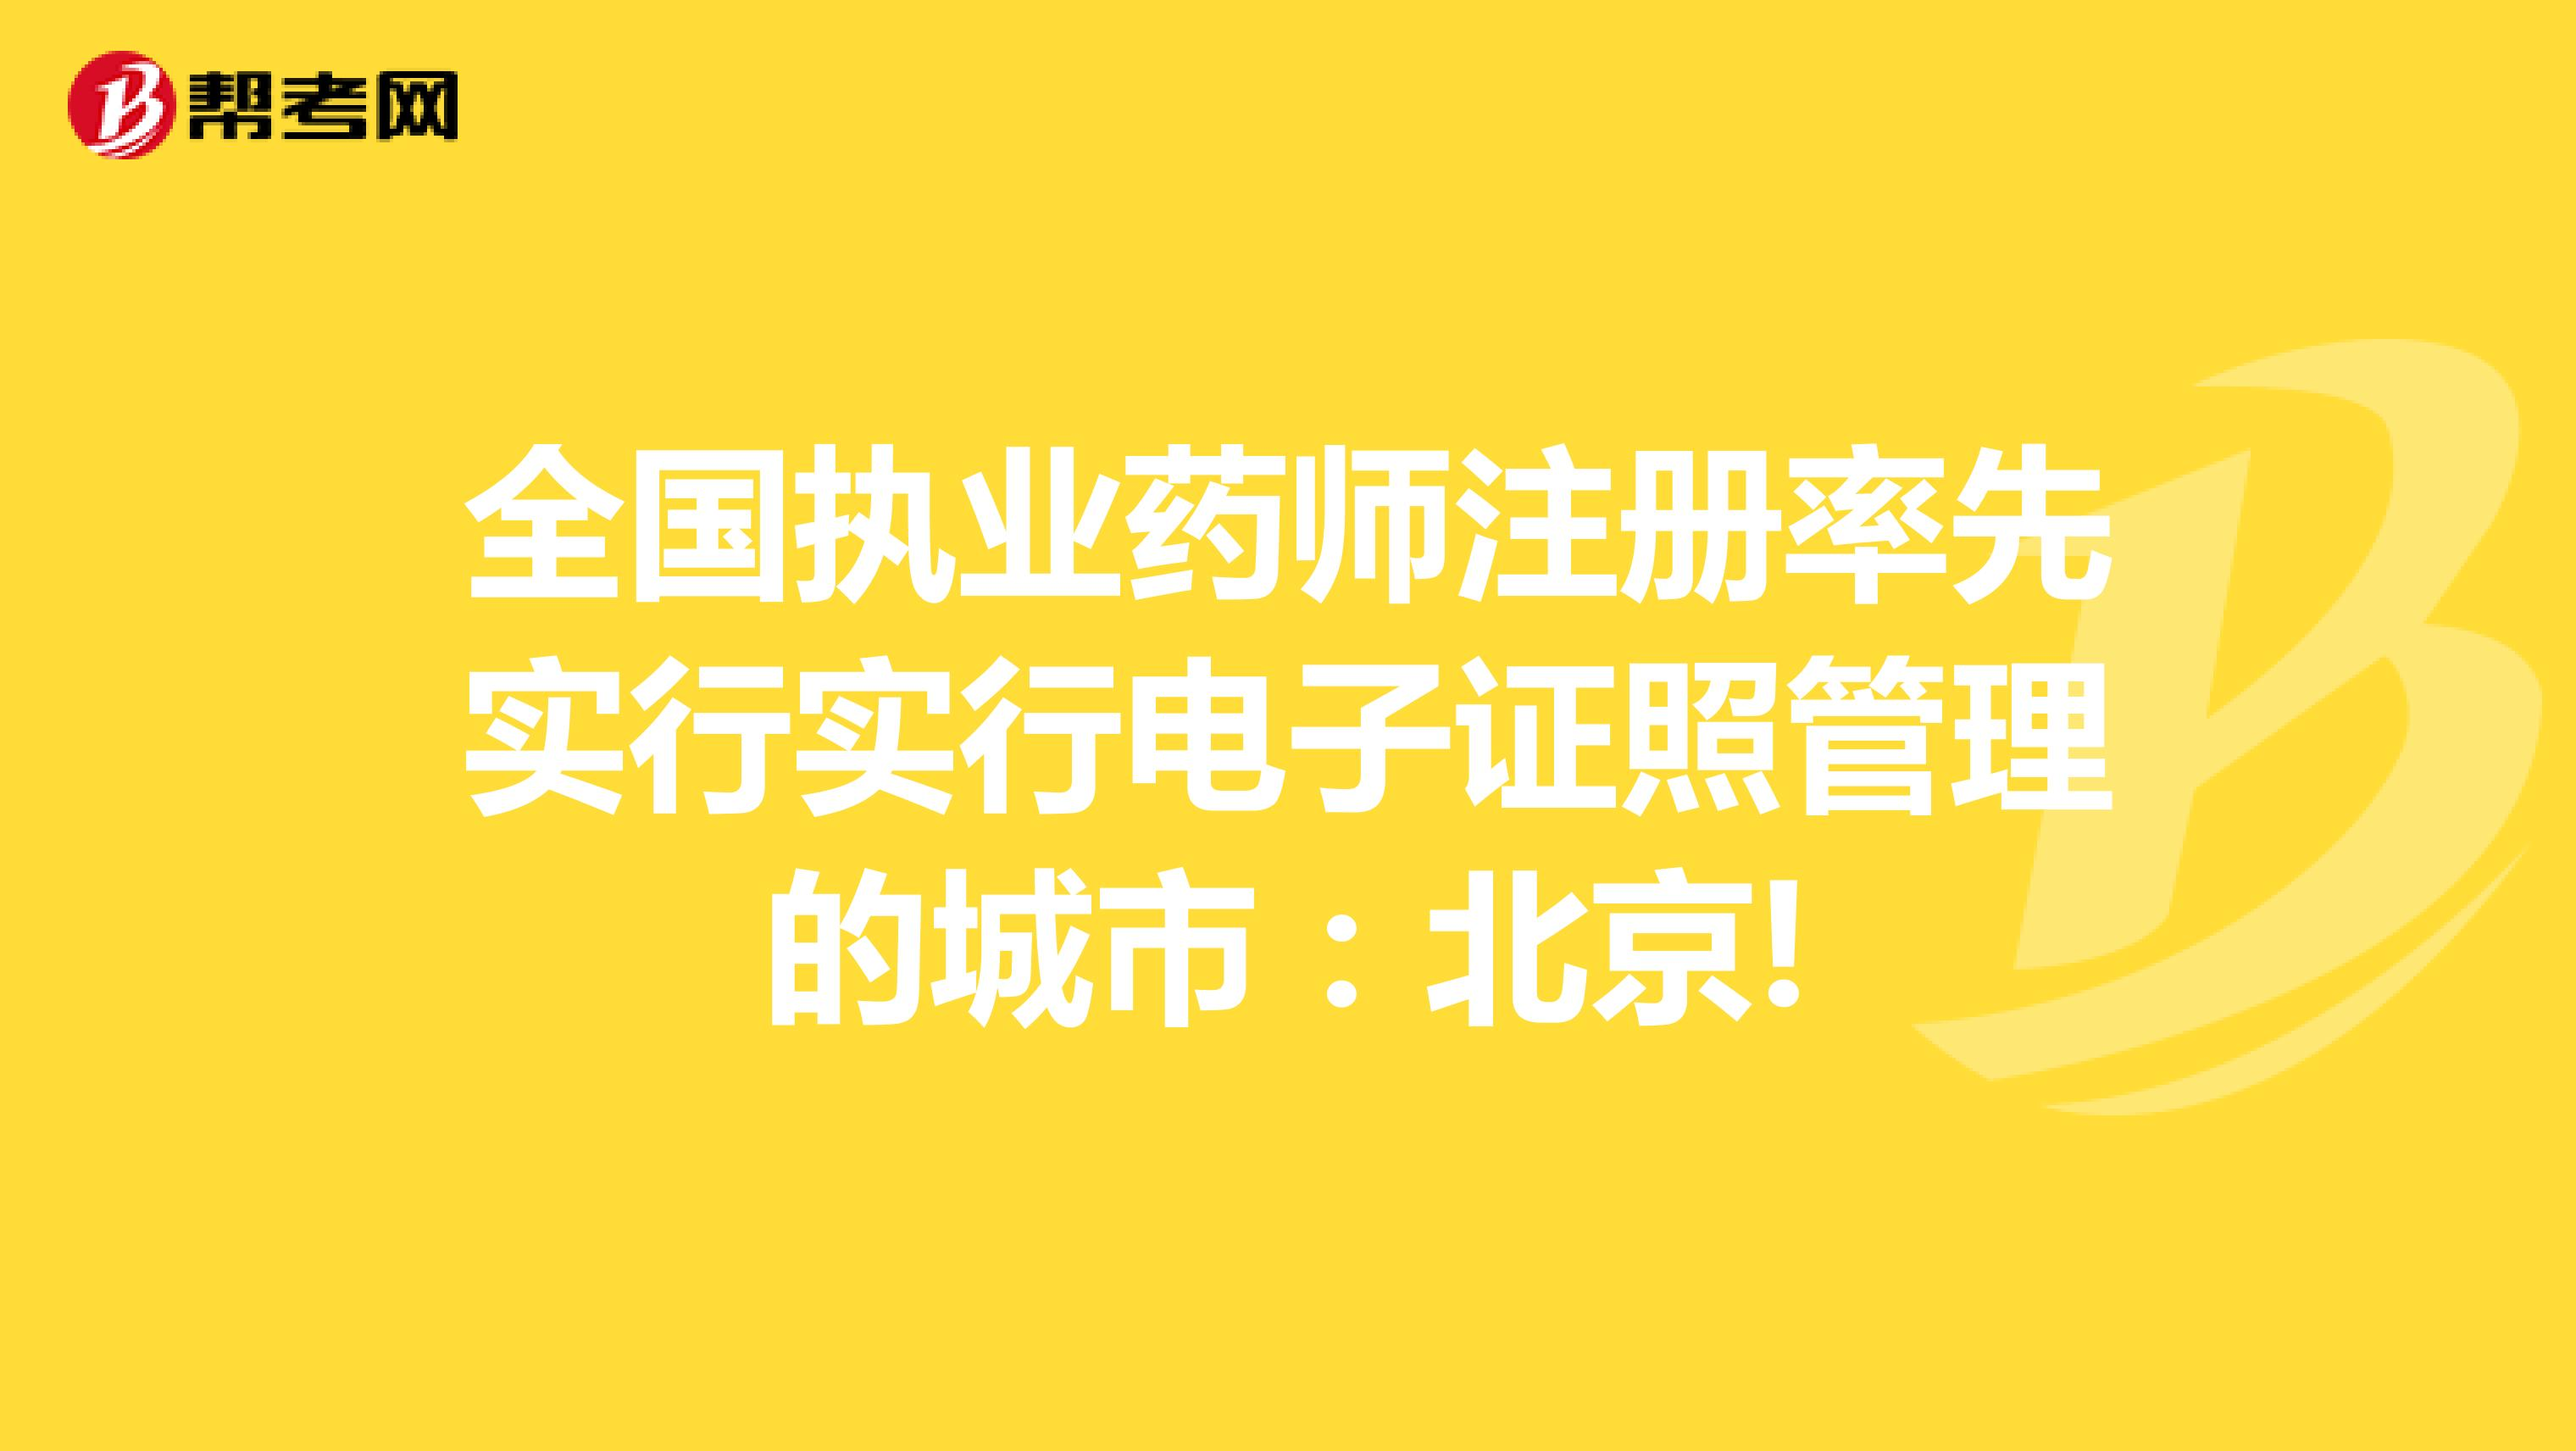 全國執業藥師注冊率先實行實行電子證照管理的城市:北京!